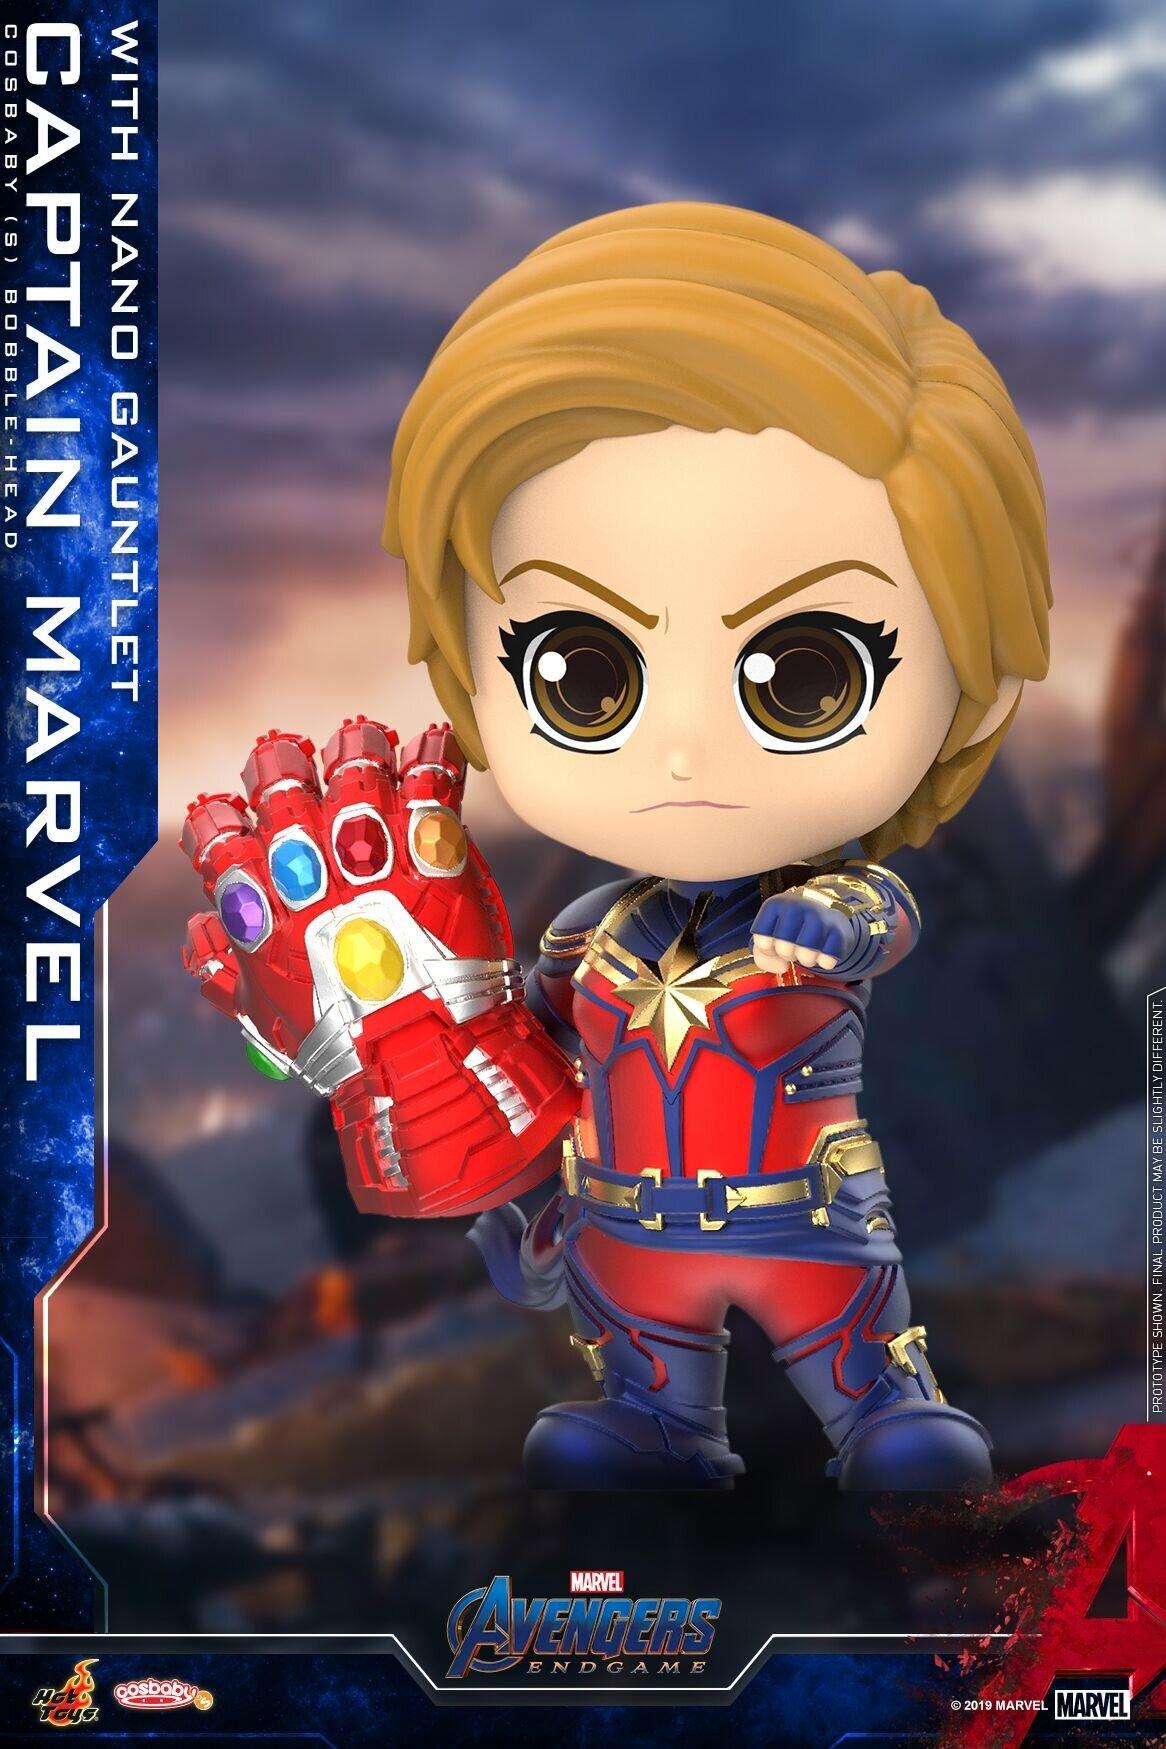 [Hot Toys] 코스베이비 어벤져스 : 엔드게임 캡틴마블 with 나노건틀렛 COSB680